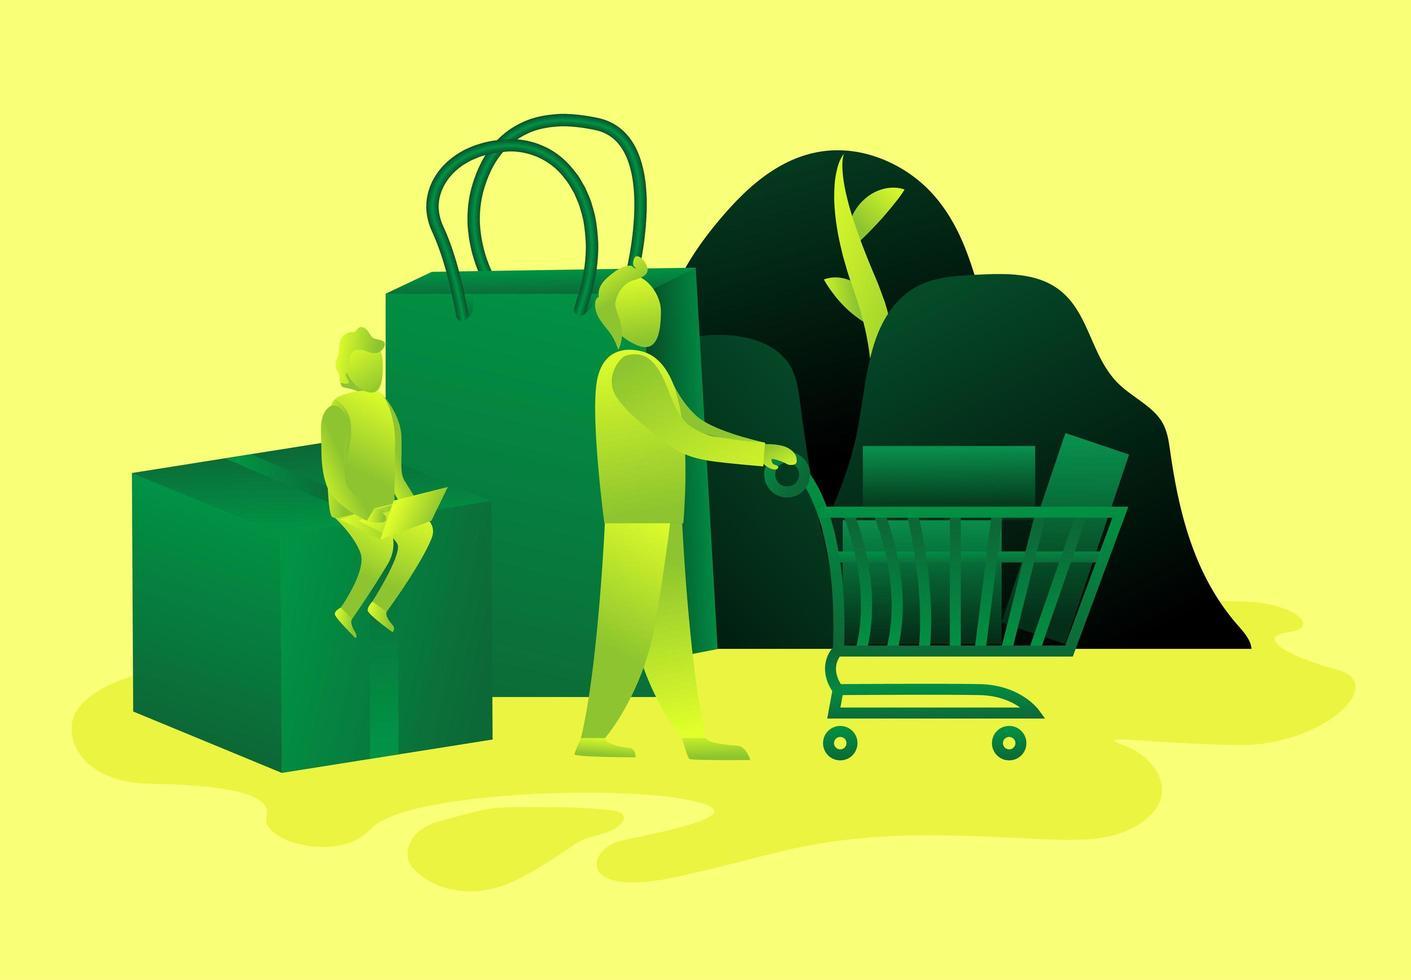 persona con carrito de compras y persona sentada en caja vector